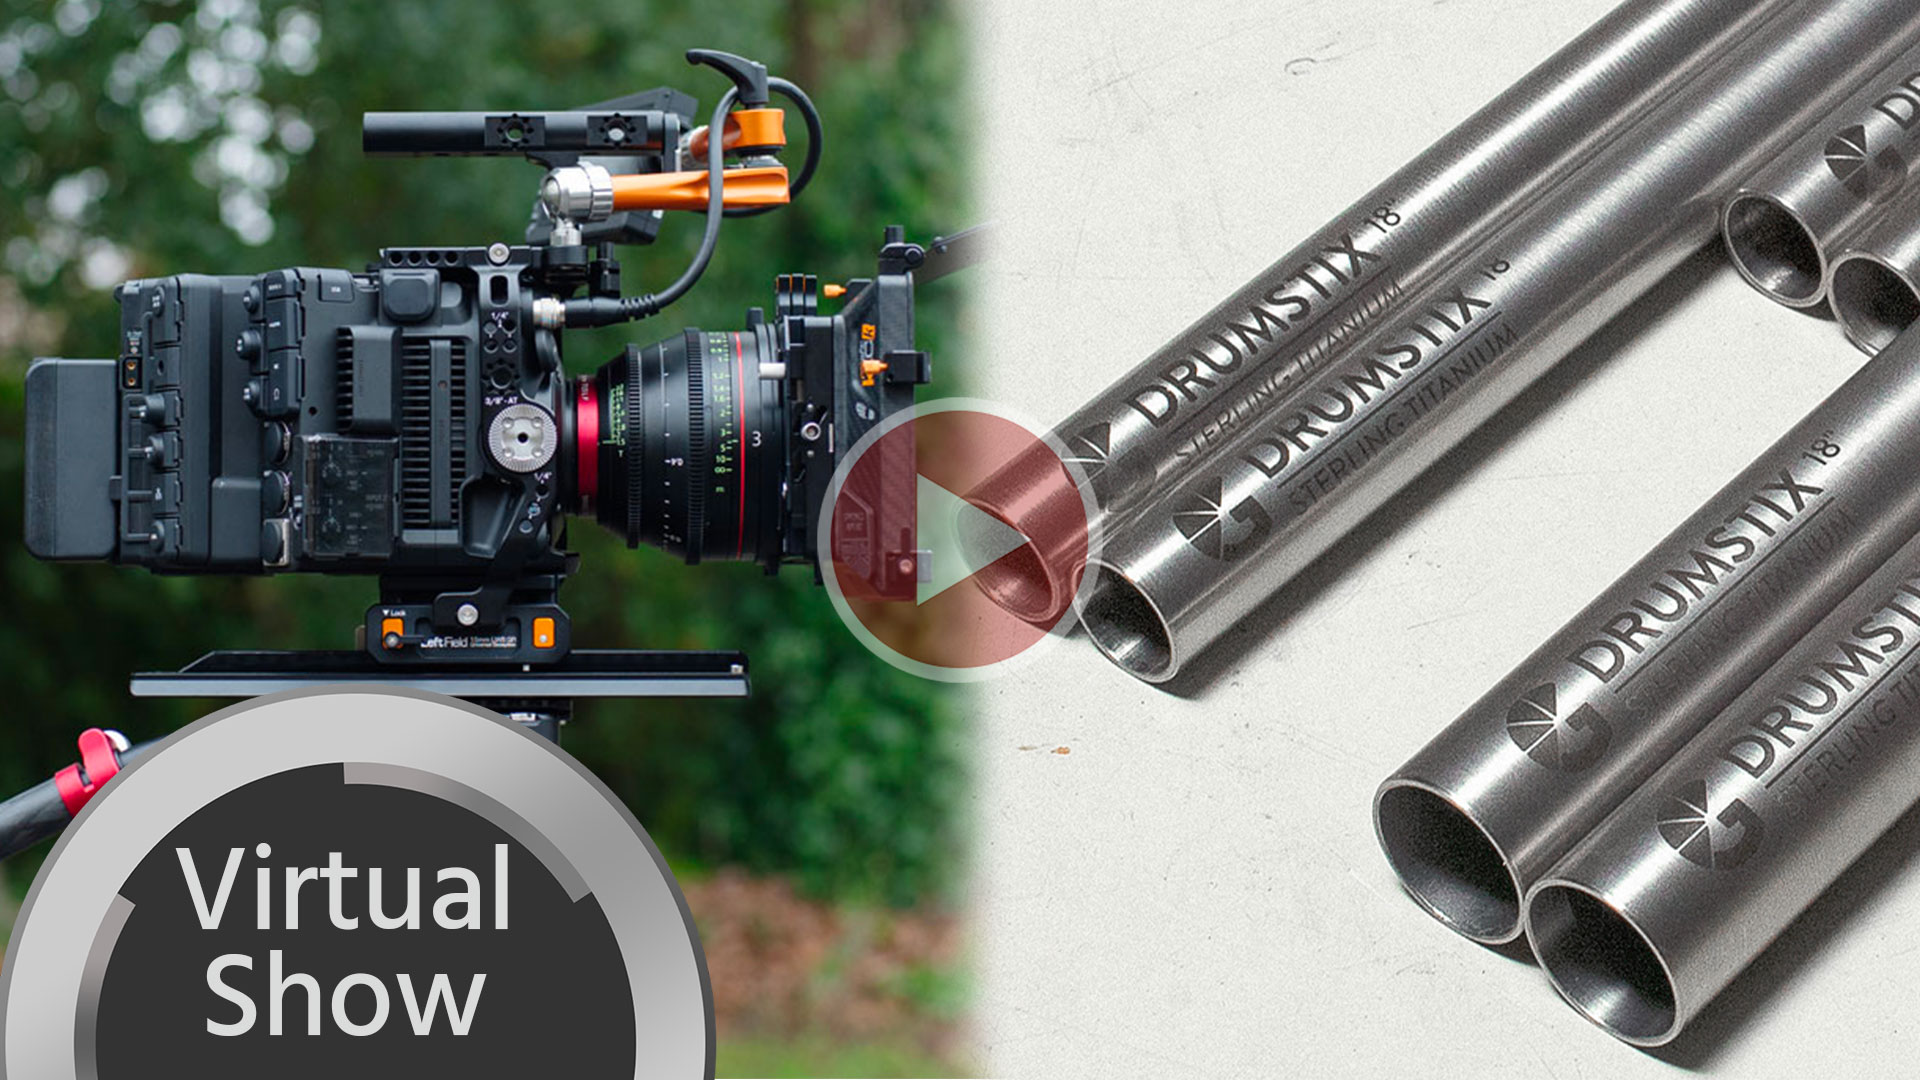 Primer vistazo a las varillas Drumstix de Bright Tangerine y al armazón de campo izquierdo para Canon EOS C500 Mark II